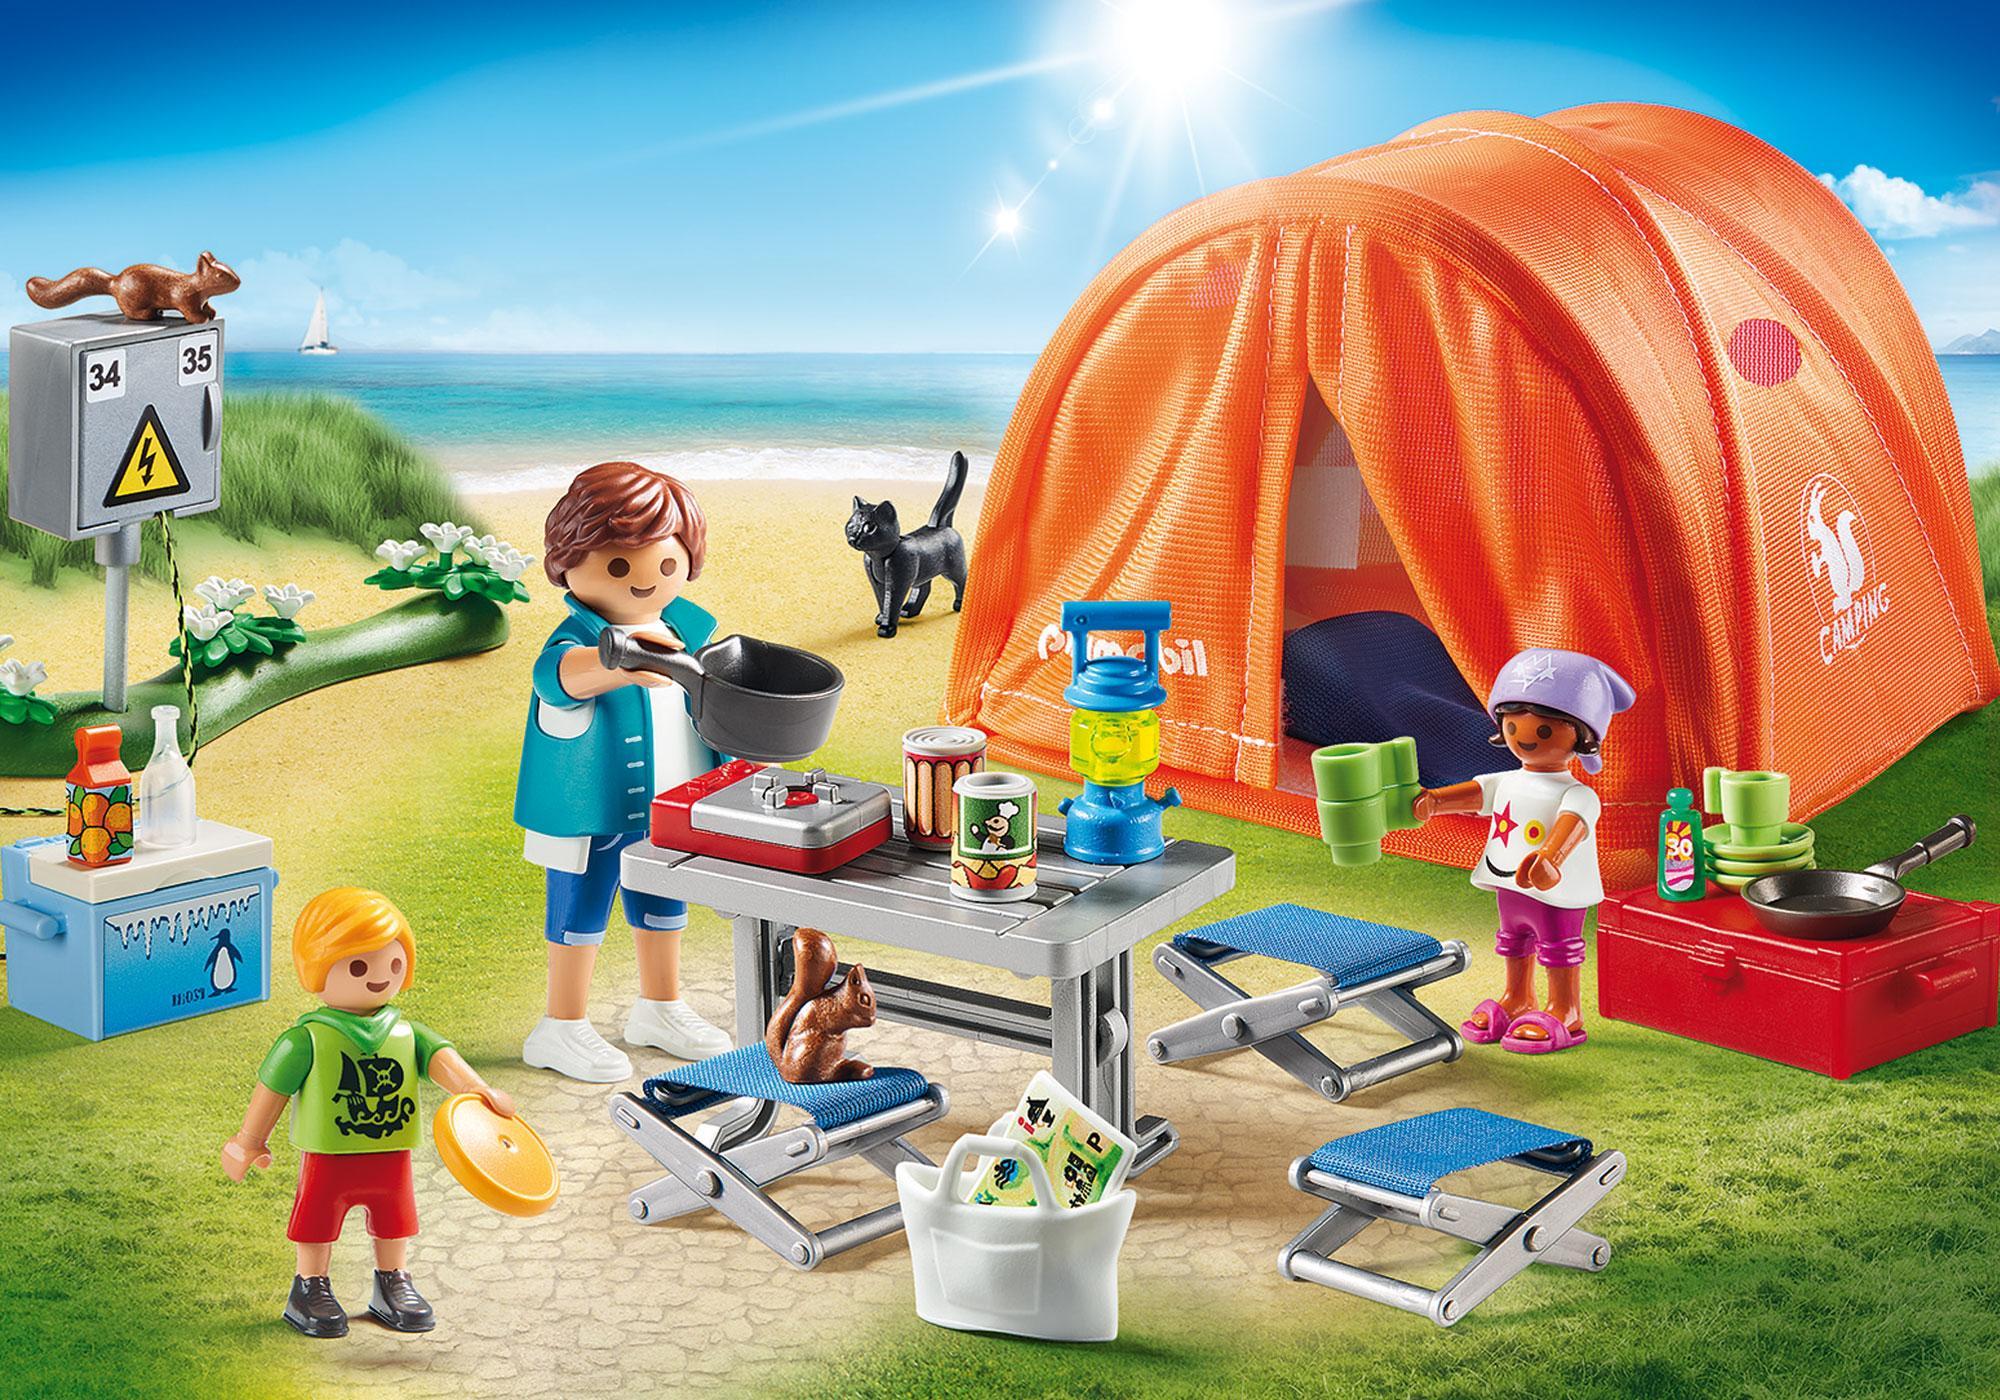 http://media.playmobil.com/i/playmobil/70089_product_detail/Campingtur med stort tält